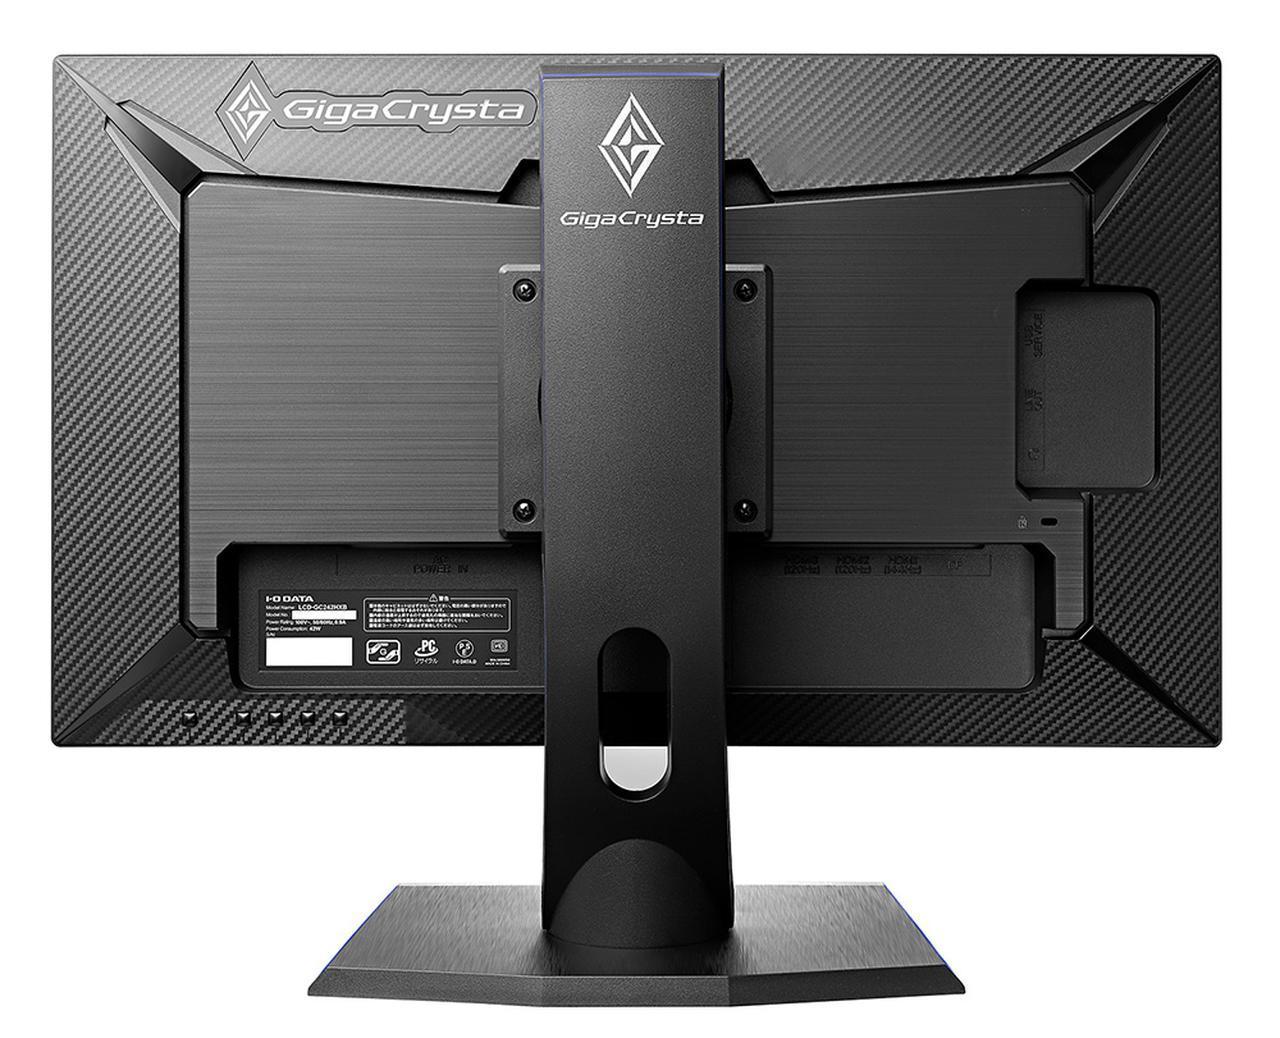 画像: 7色に光る「GigaCrysta」ロゴのLEDイルミネーションは、本体背面左上に搭載する